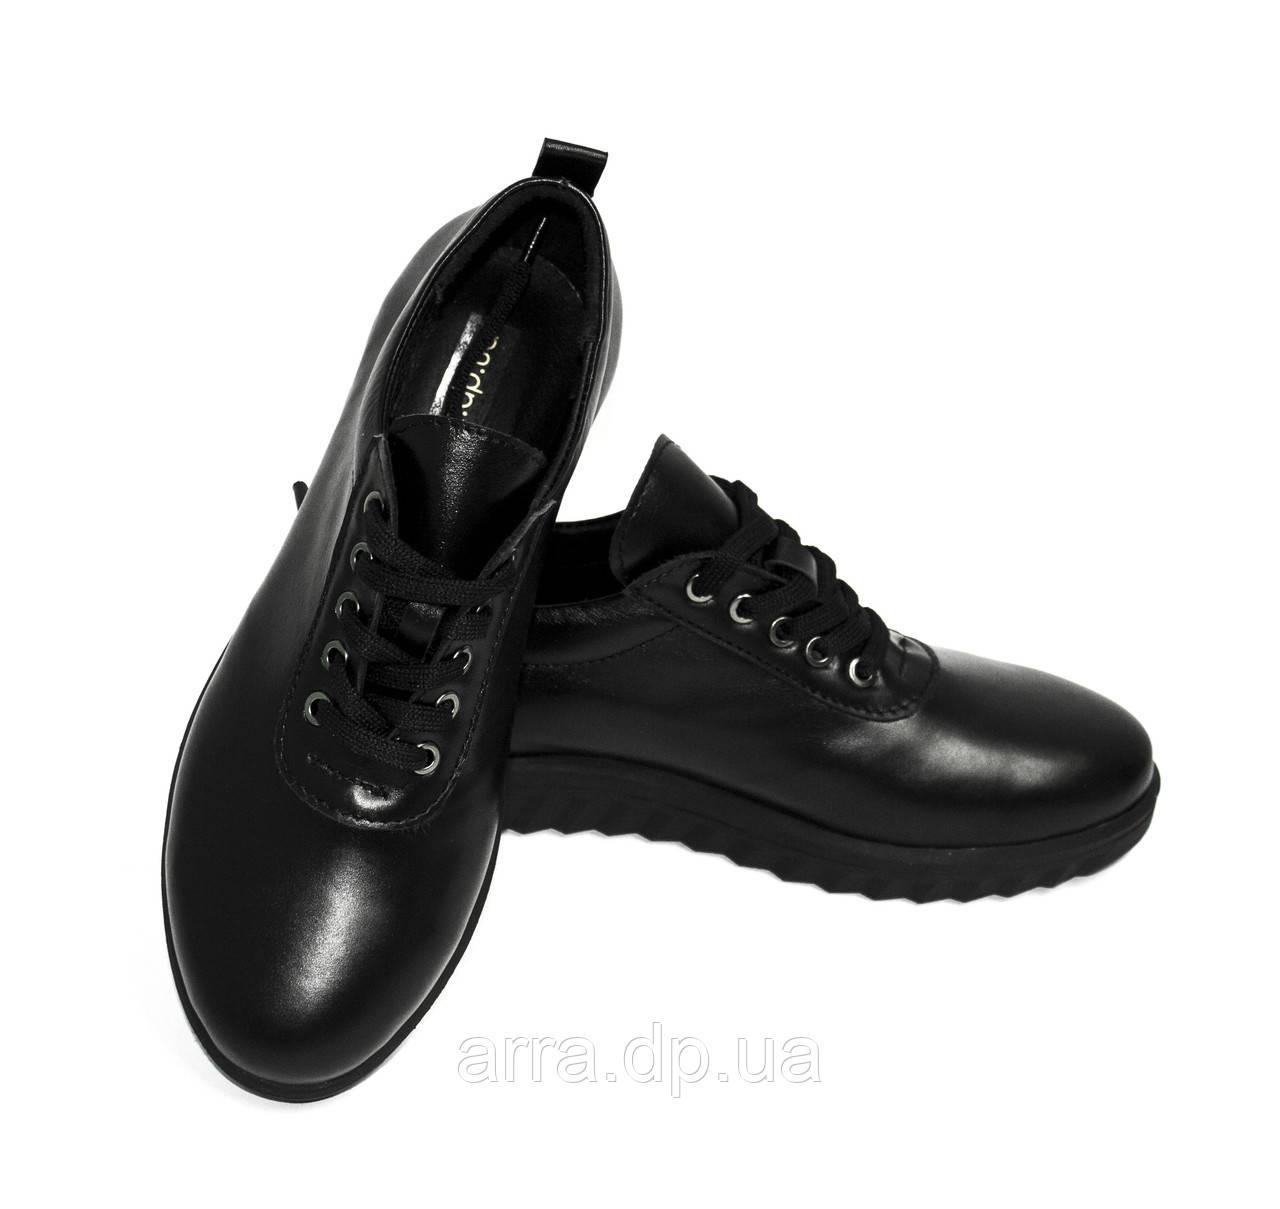 Черные кожаные туфли на шнурках